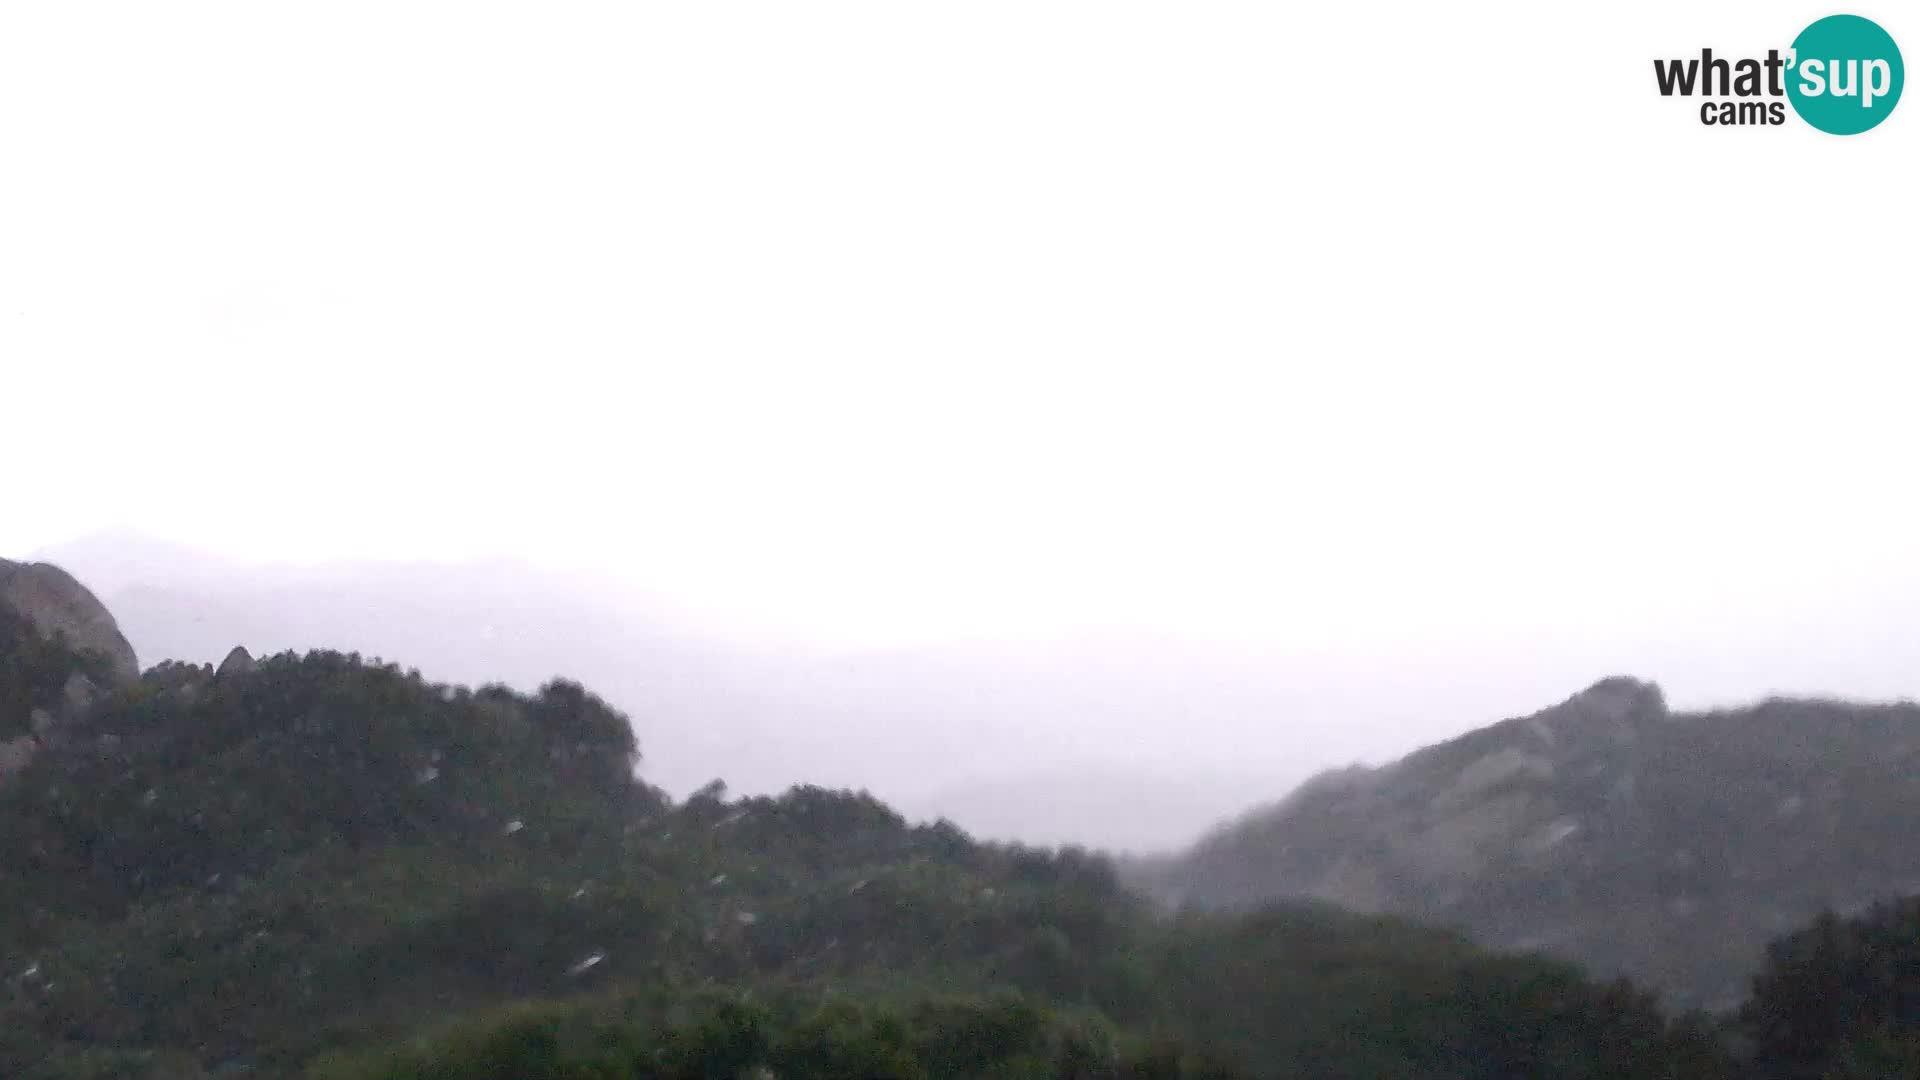 Spletna kamera V ŽIVO Costa Smeralda – Panoramski pogled z Monte Moro – Sardinija – Italija